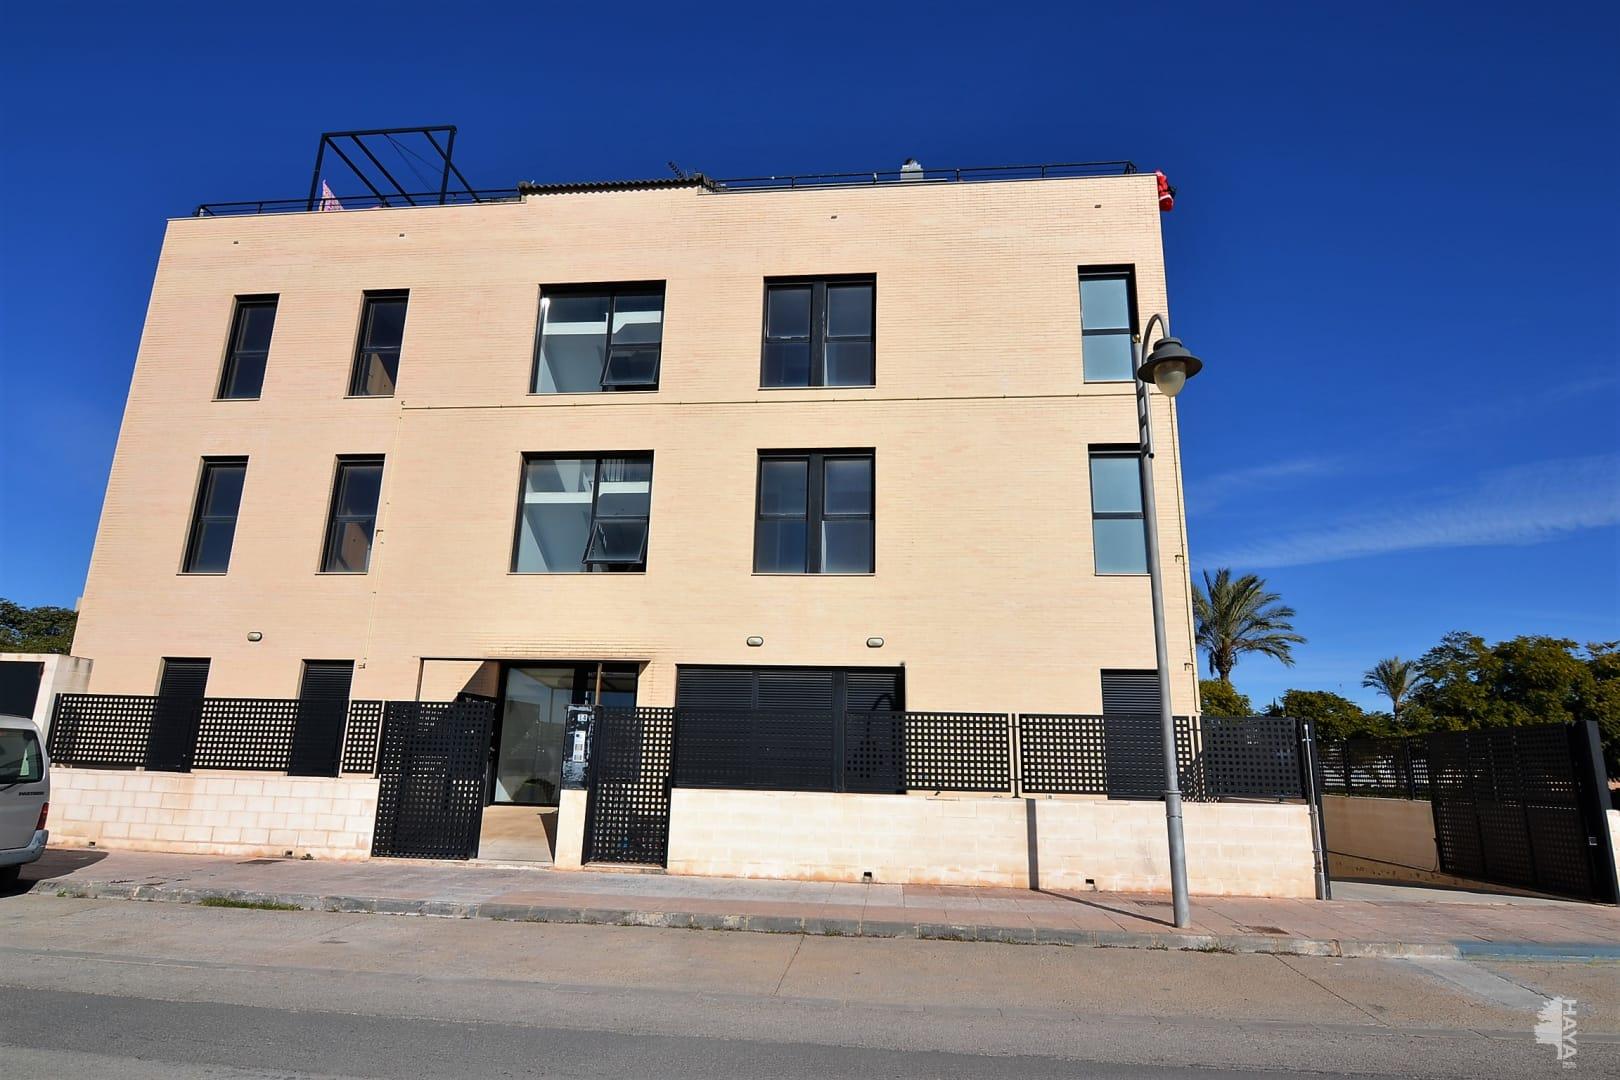 Piso en venta en Museros, Museros, Valencia, Avenida Senyera, 119.000 €, 3 habitaciones, 2 baños, 80 m2